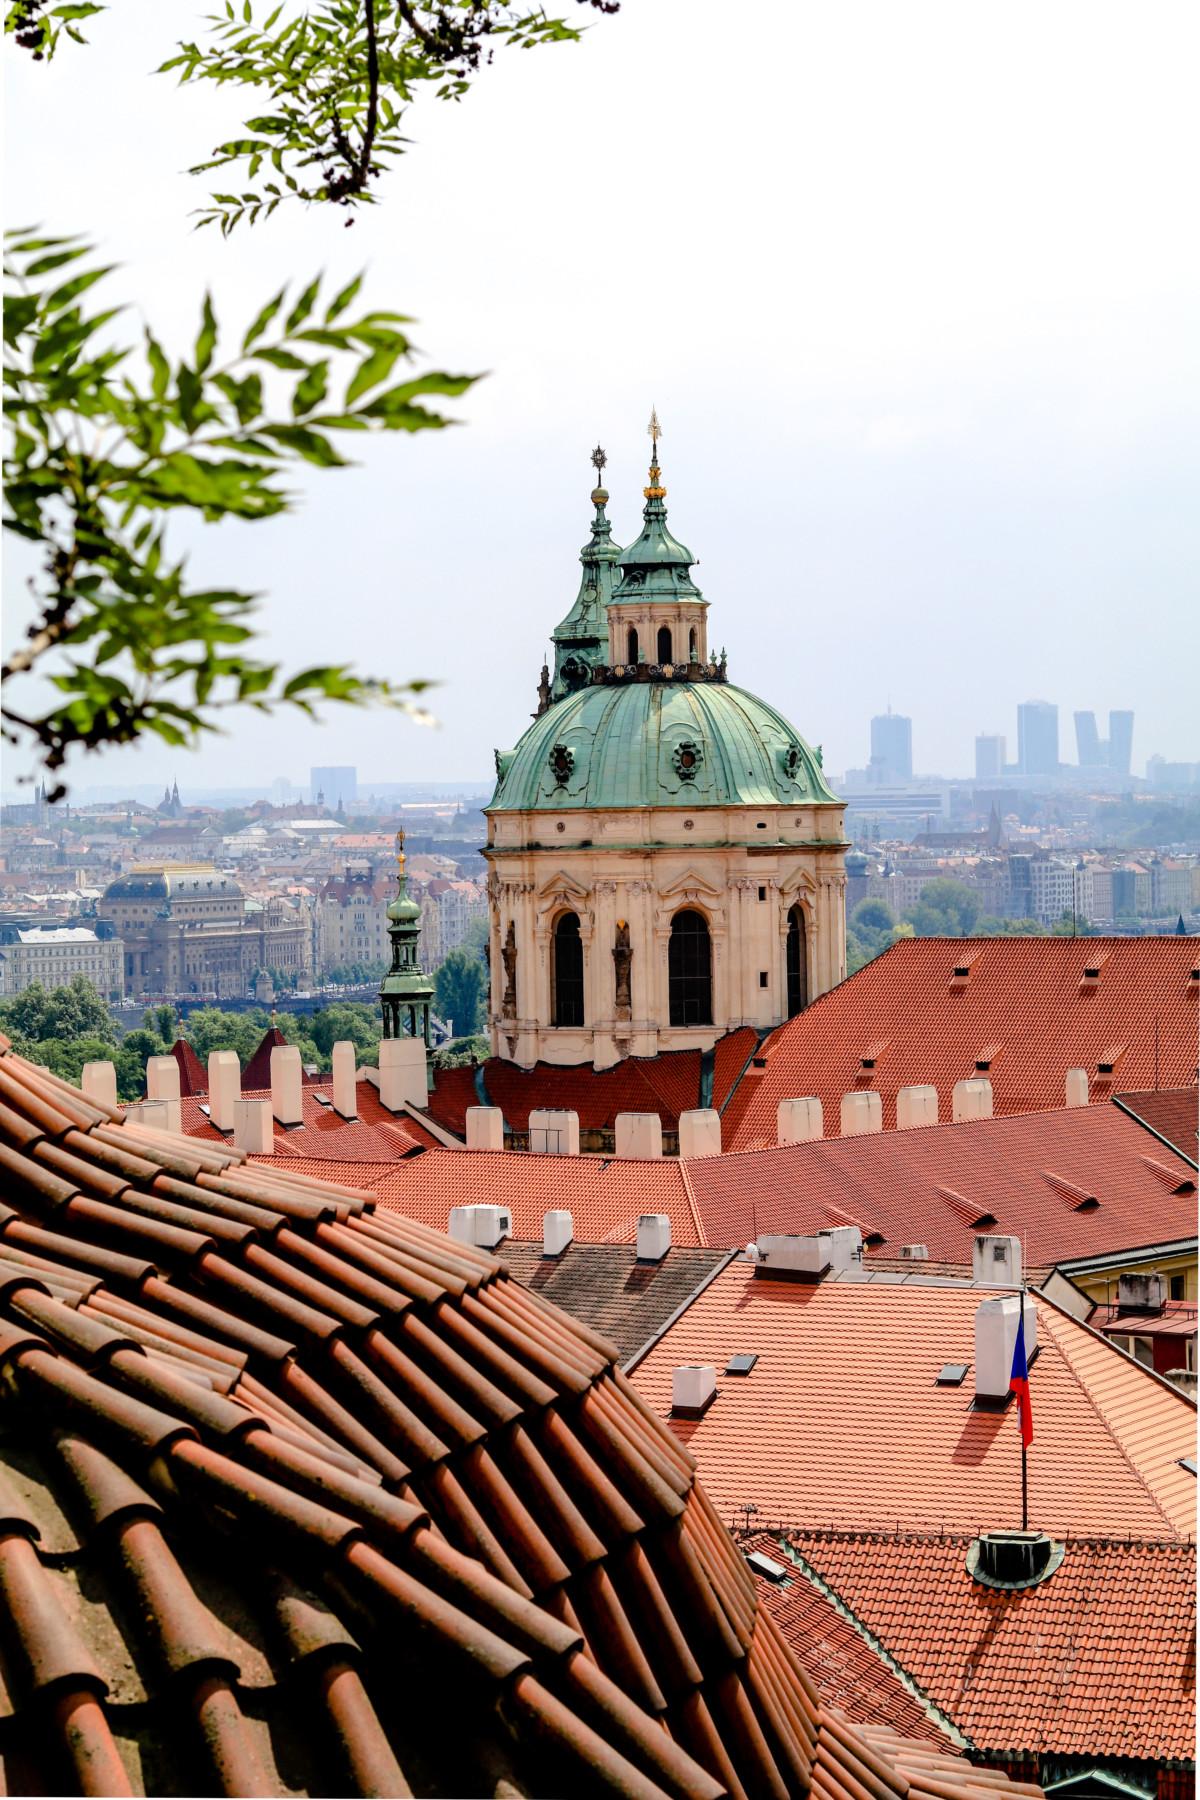 Kurztrip nach Prag mit Kids - Teil 01 // Travel to Prague Part 01 by http://babyrockmyday.com/kurztrip-nach-prag-teil-01/